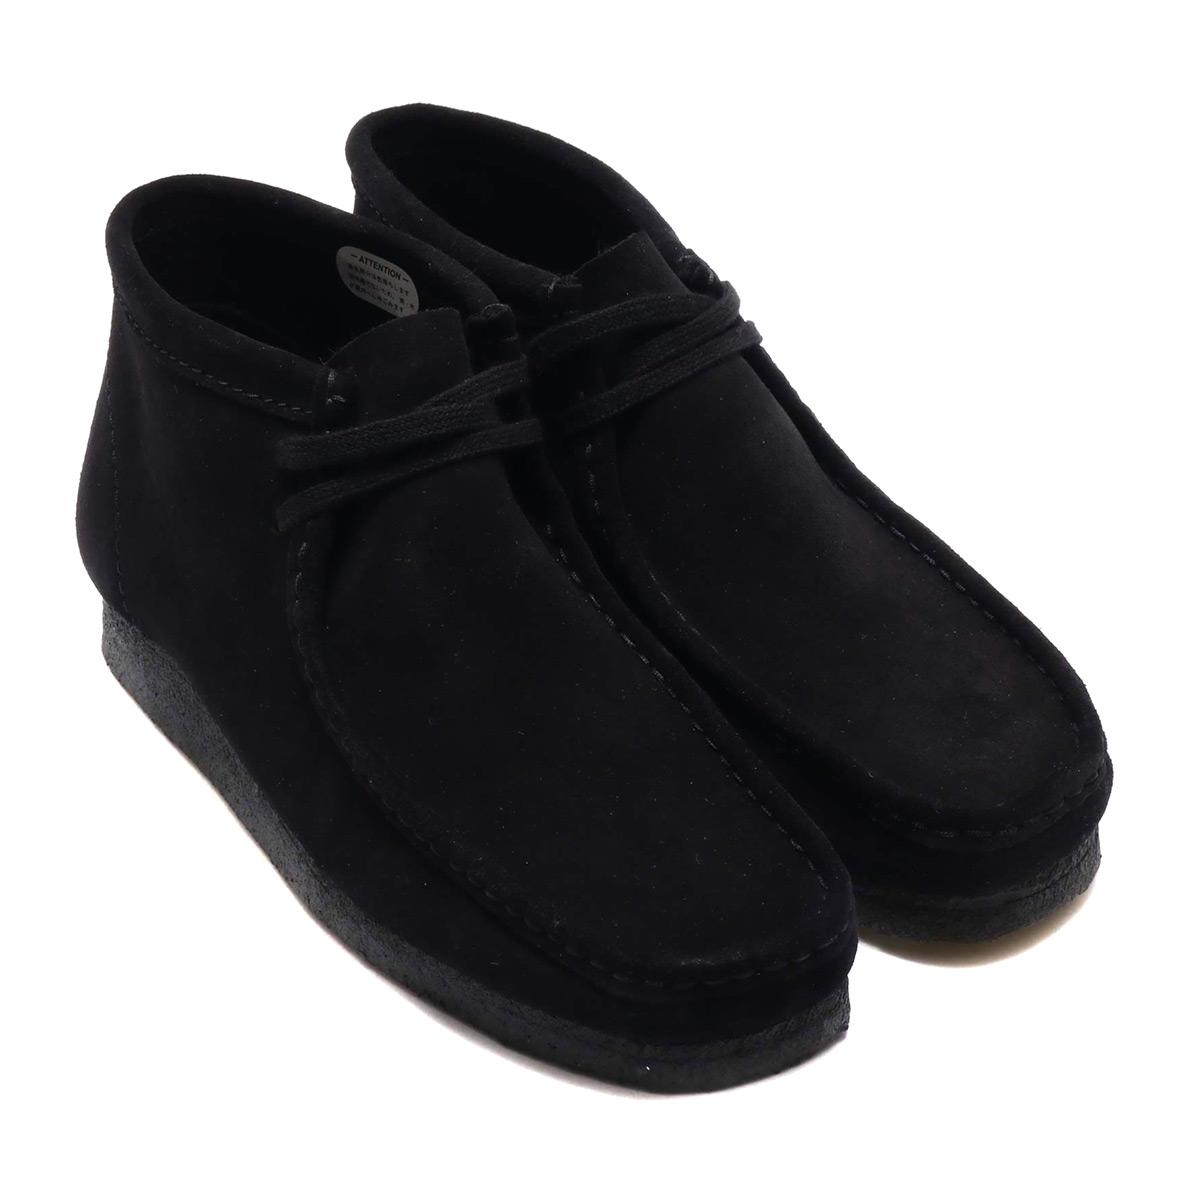 Clarks Wallabee Boot (クラークス ワラビー ブーツ)Black Suede【メンズ ブーツ】18FW-I